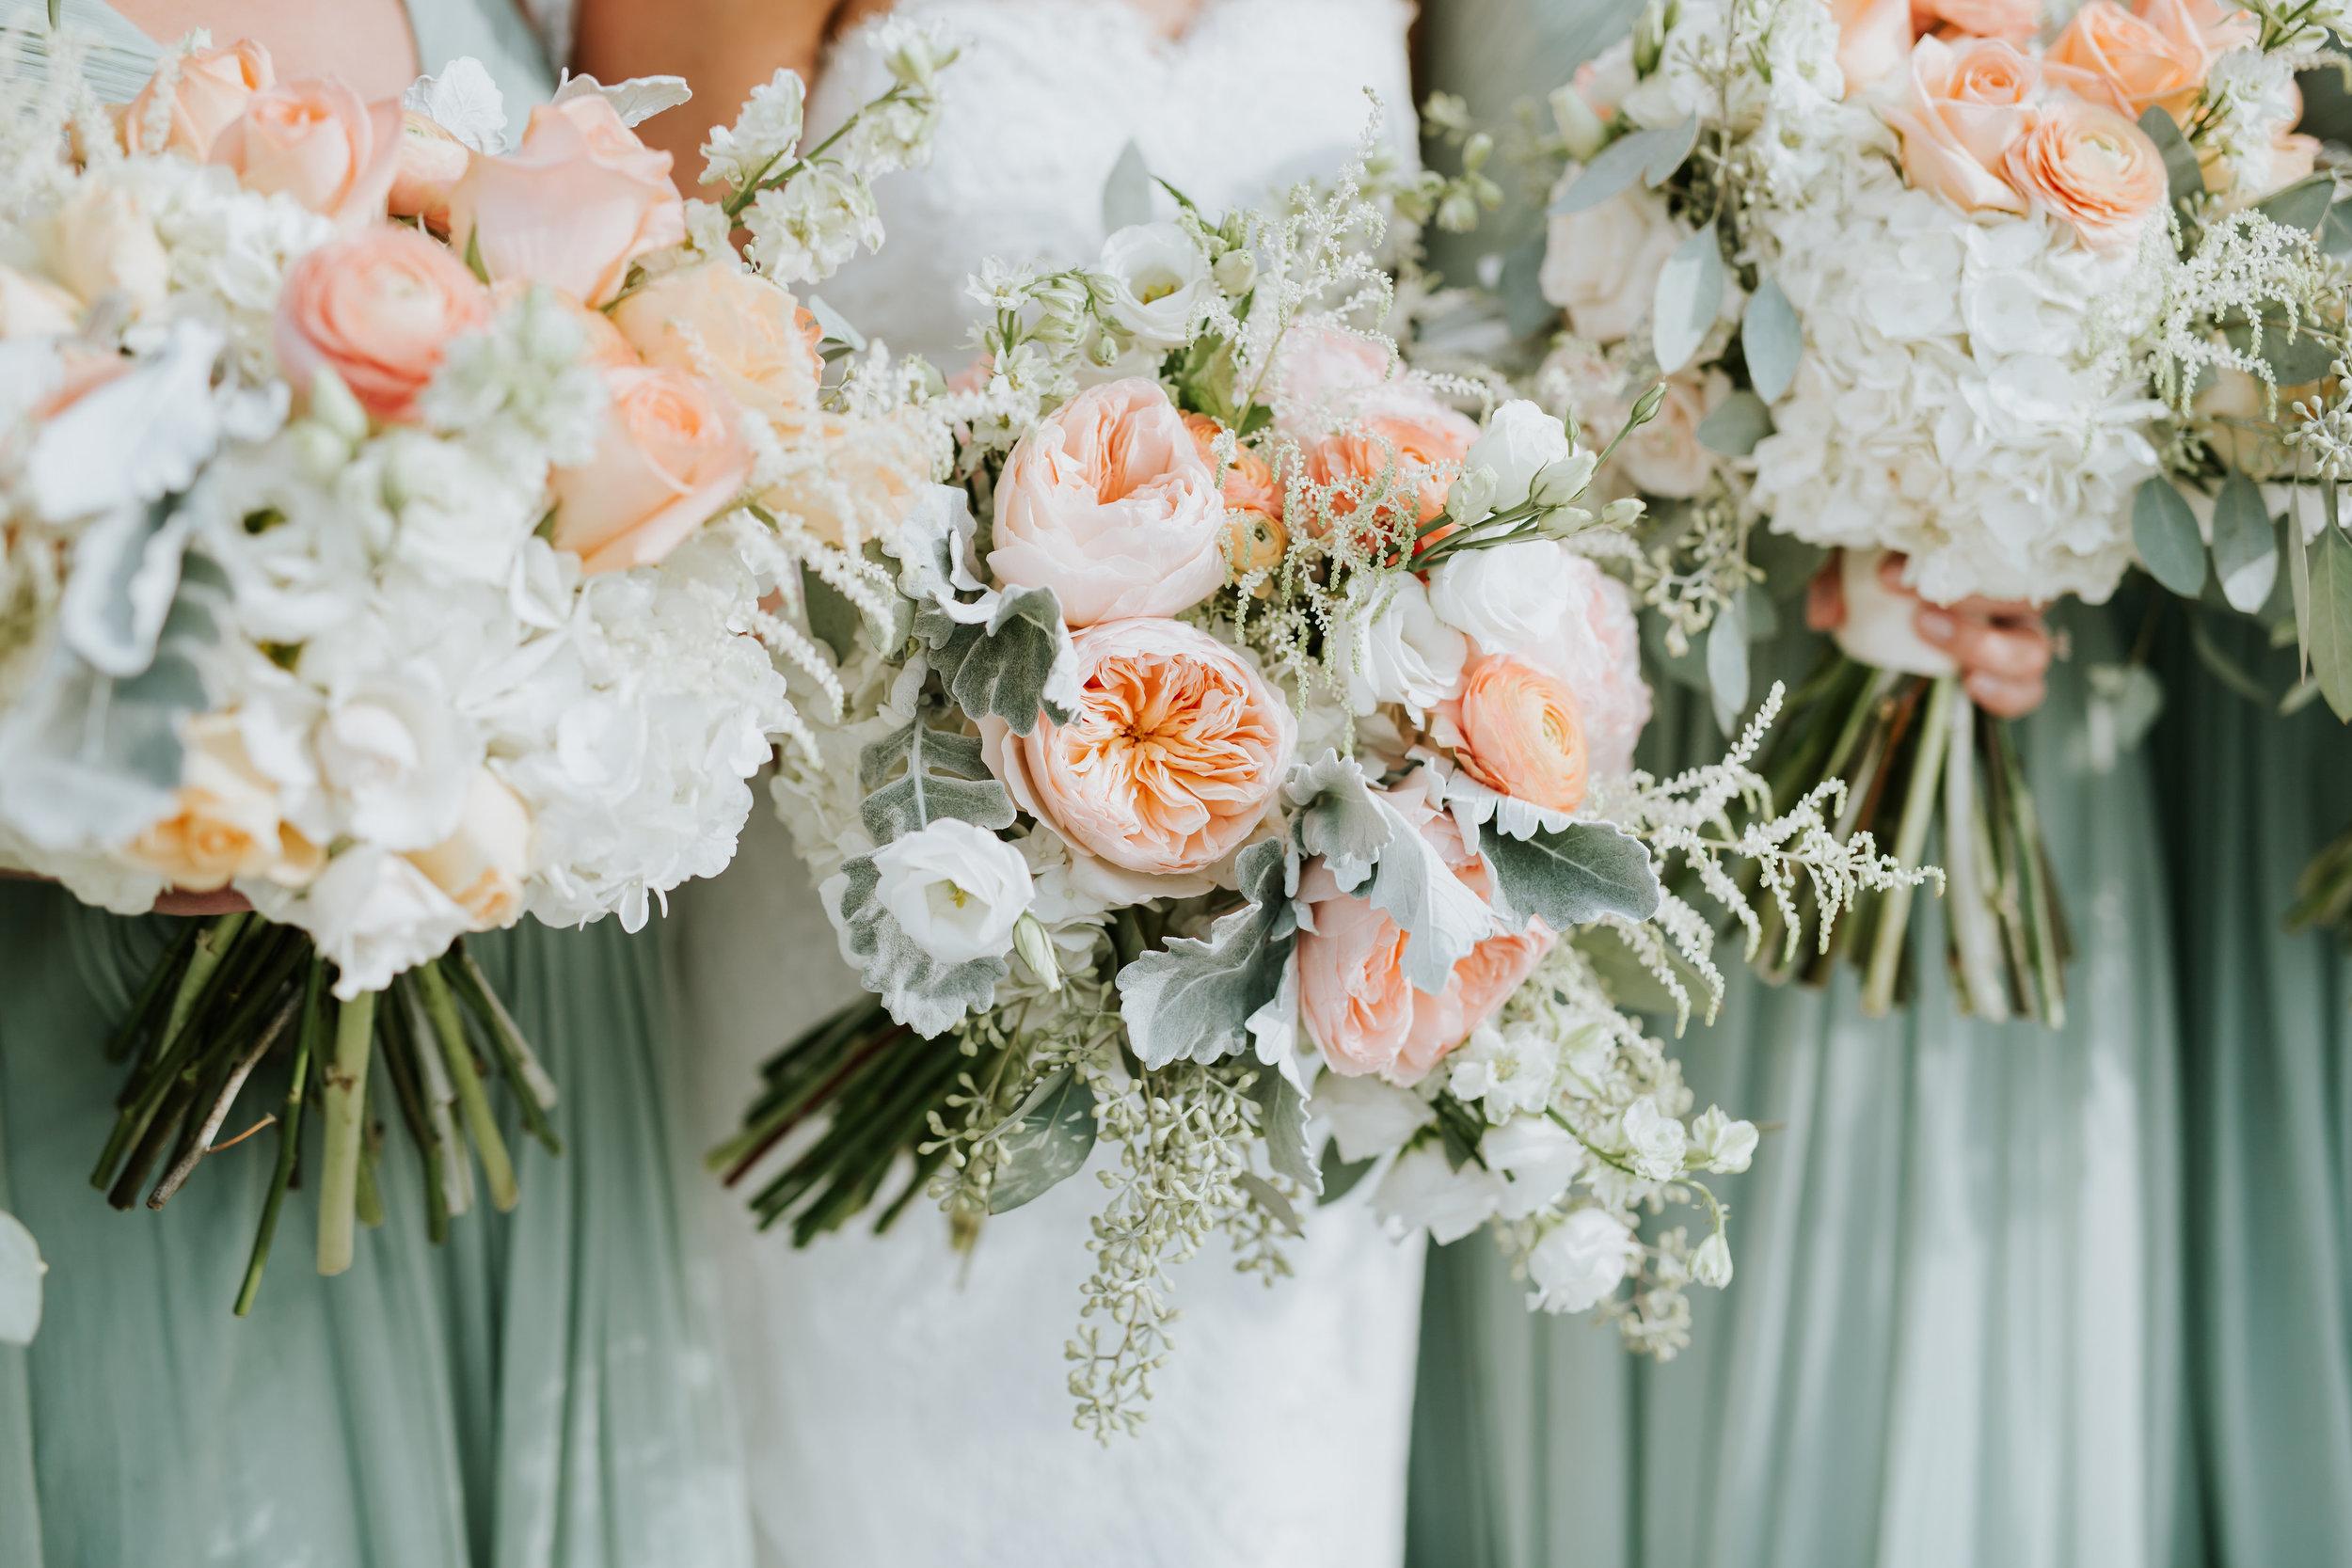 omni-hilton-head-wedding-24.jpg